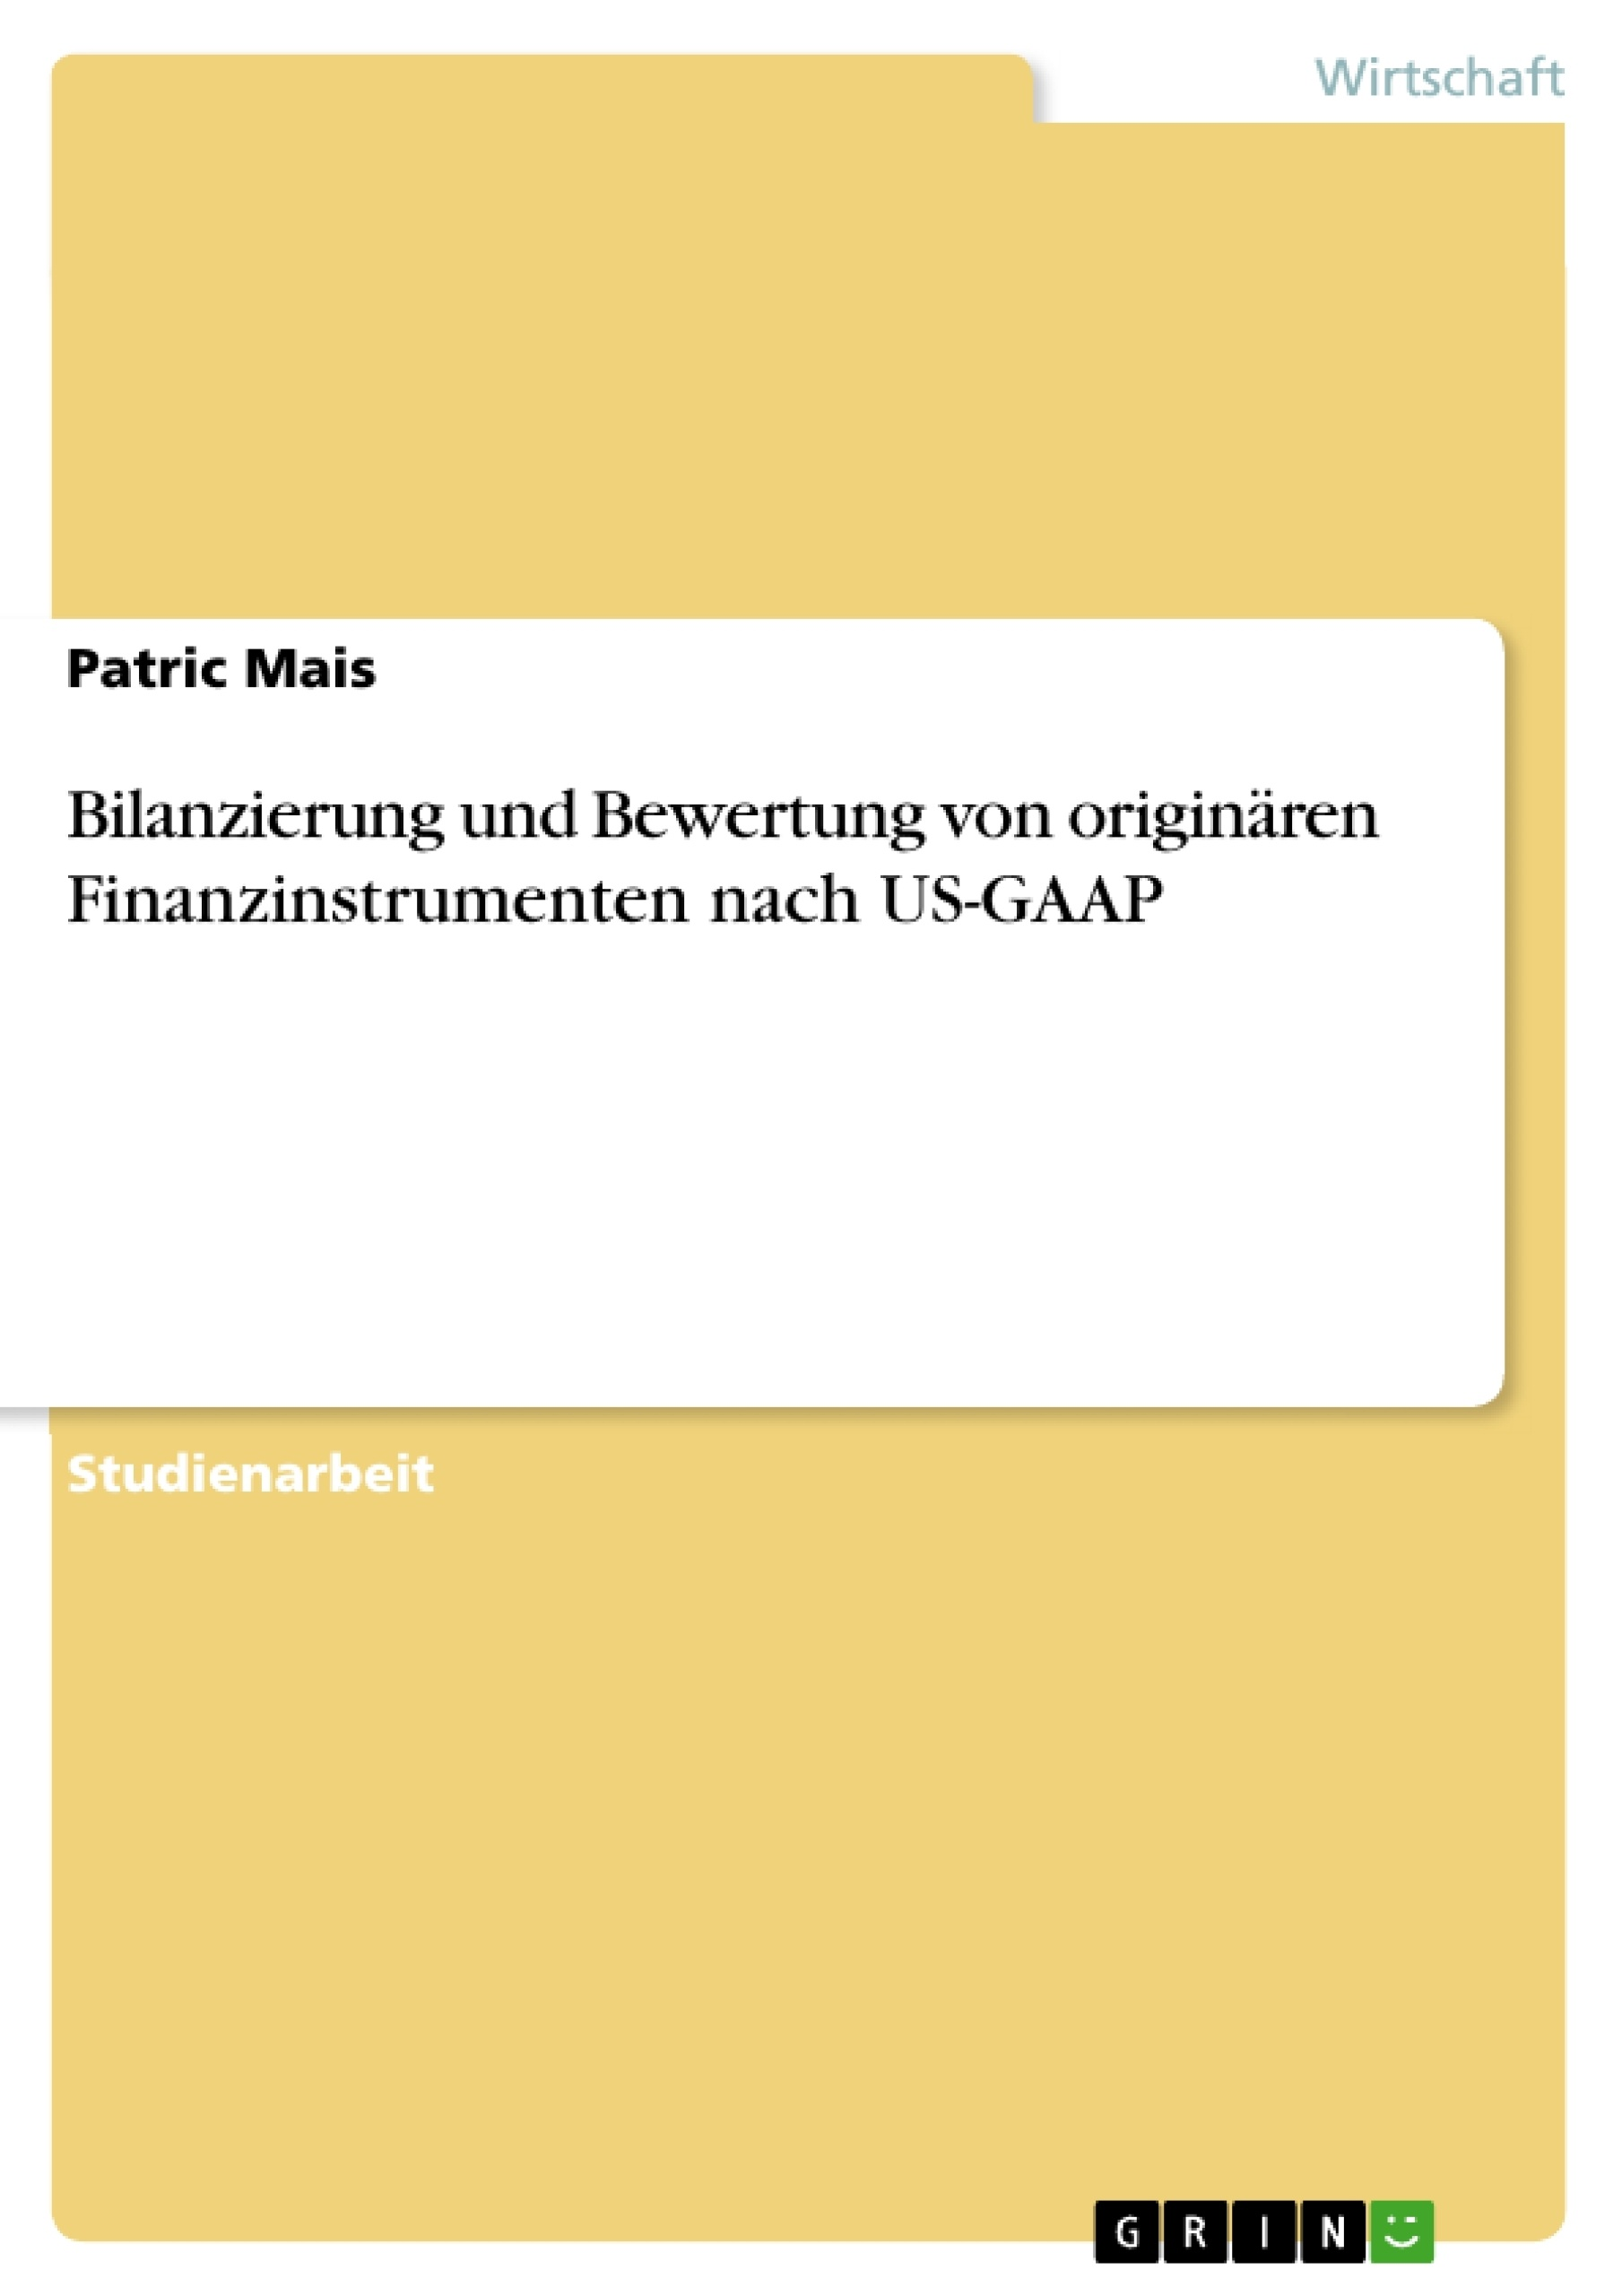 Titel: Bilanzierung und Bewertung von originären Finanzinstrumenten nach US-GAAP